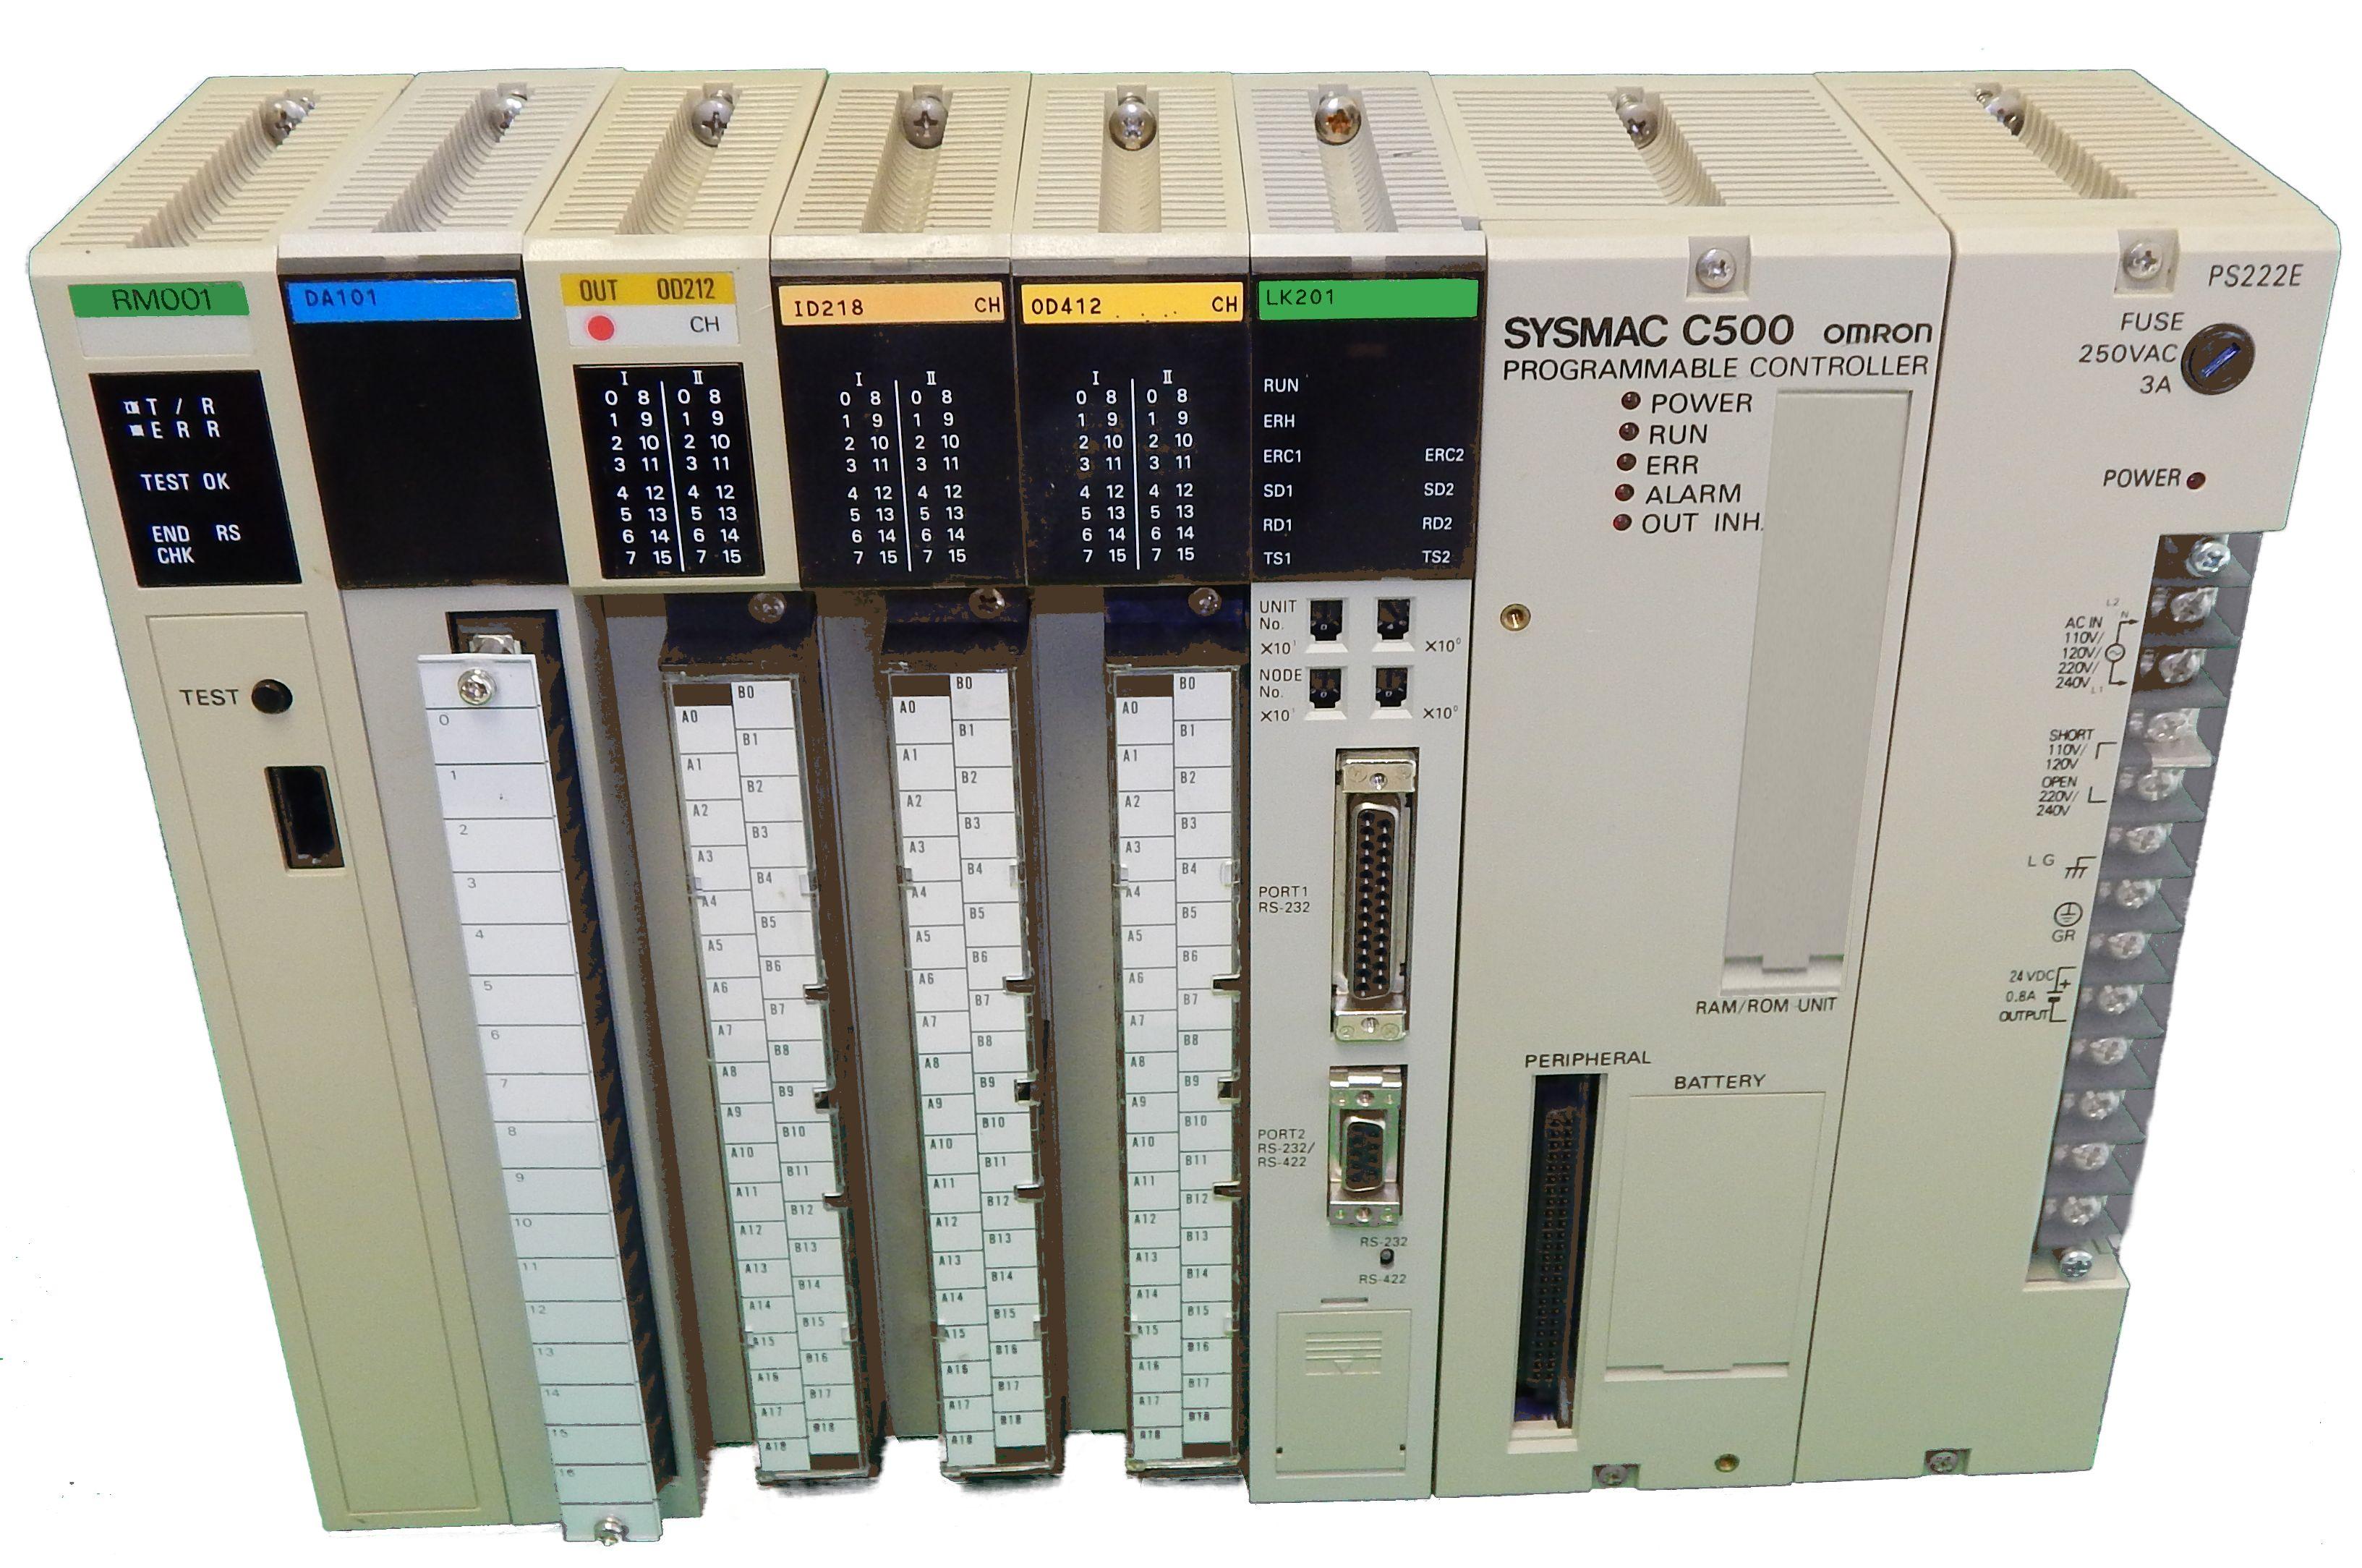 3G2C7-LK201